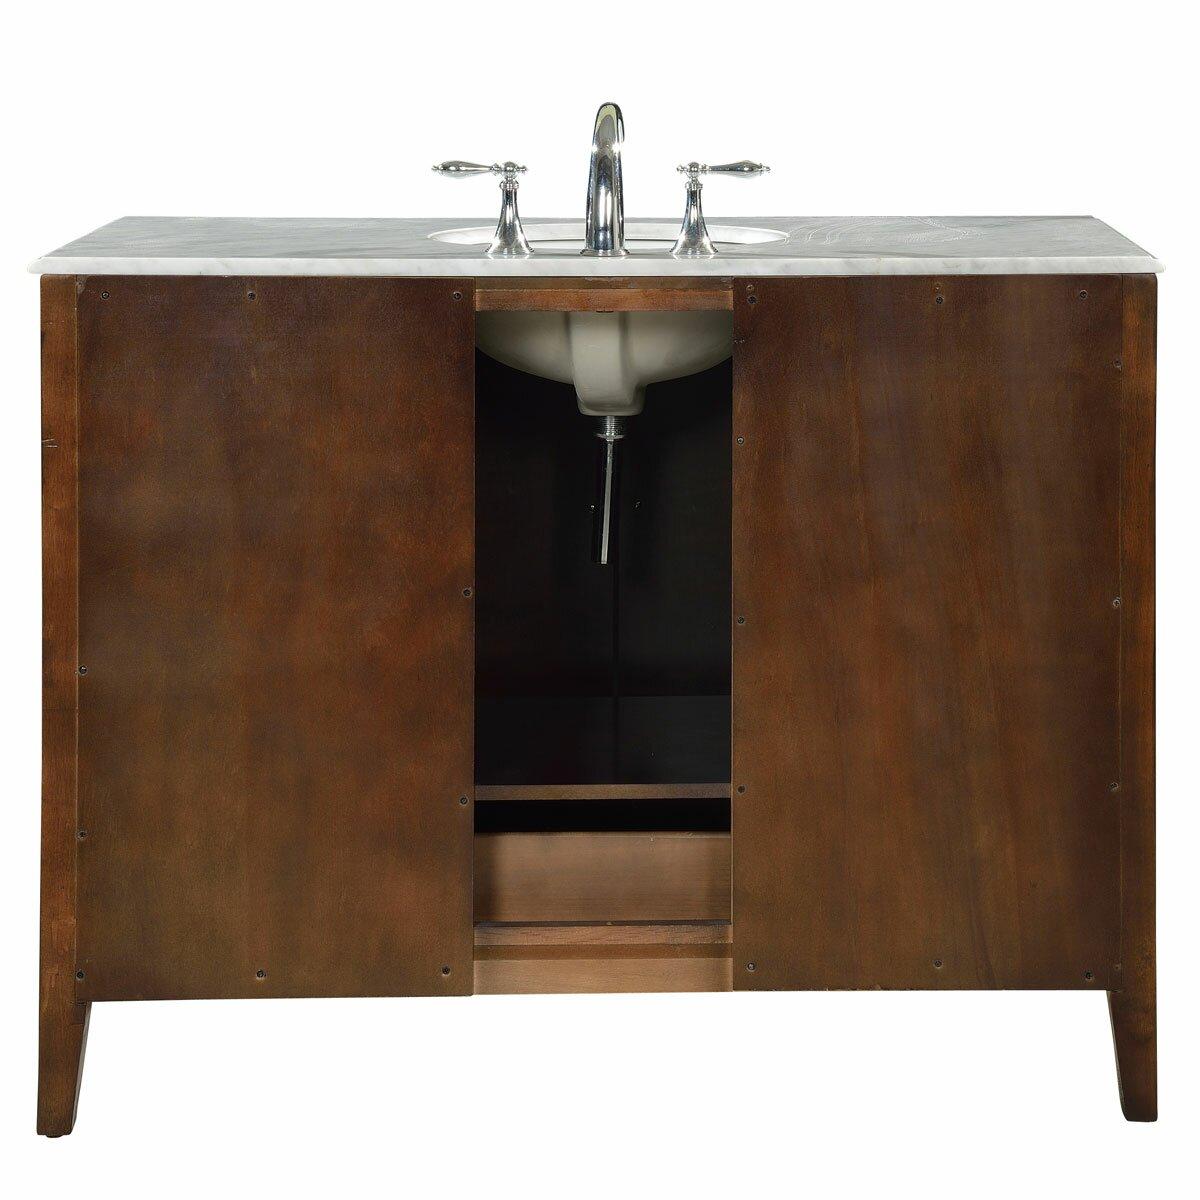 Silkroad Exclusive 48 Single Sink Cabinet Bathroom Vanity Set Reviews Wayfair Supply